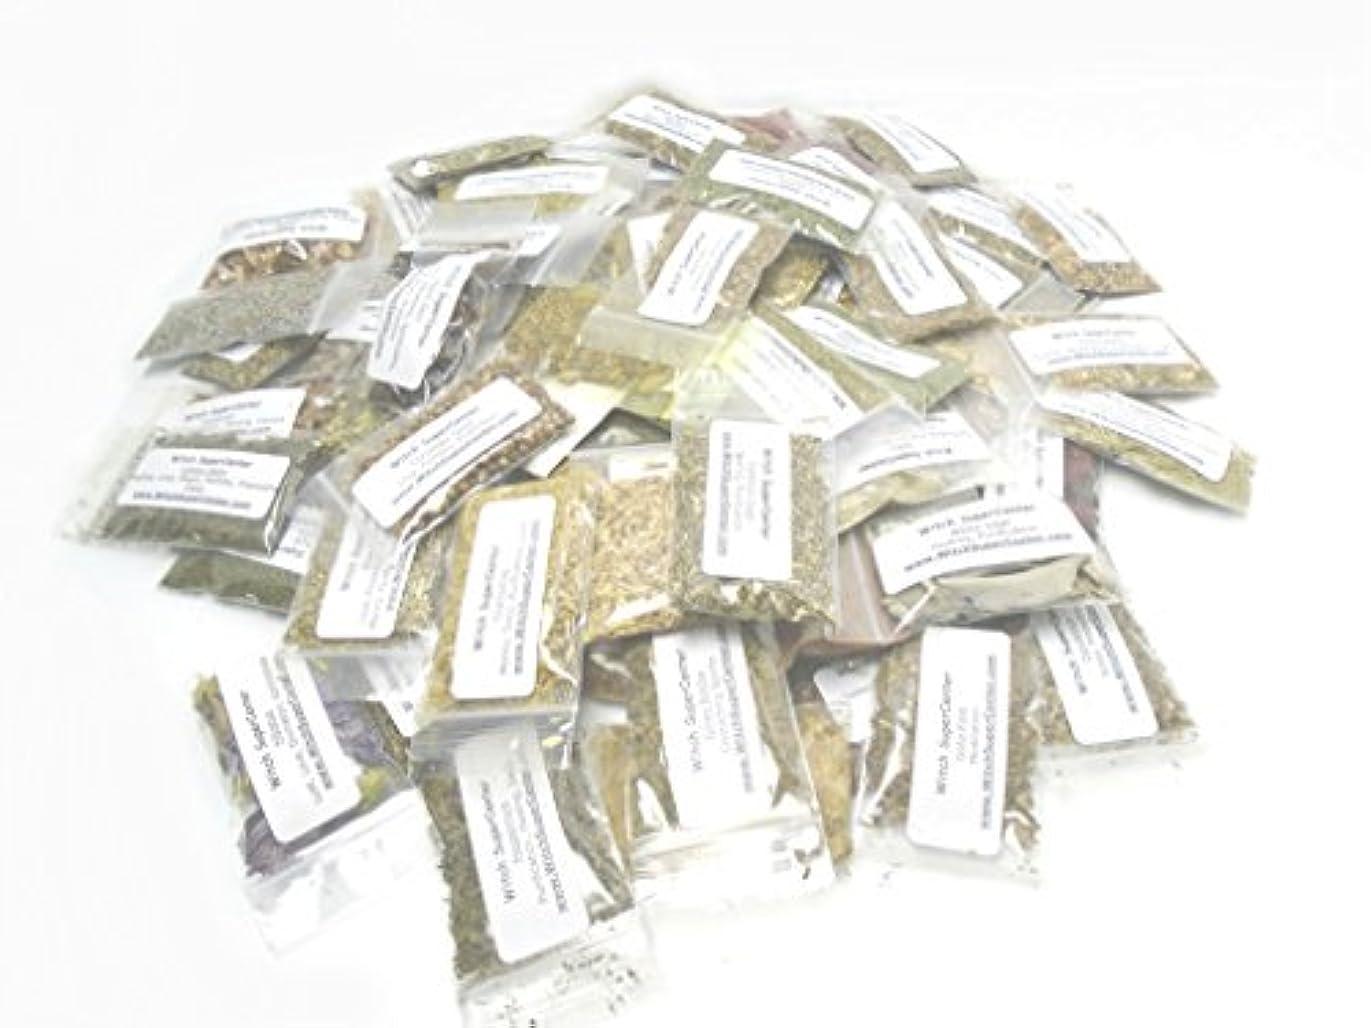 友だちビタミン路面電車75 Magickal Incense Herbs Spell kit-ウィッカ、Witchcraft、Hoodoo by魔女Supercenter